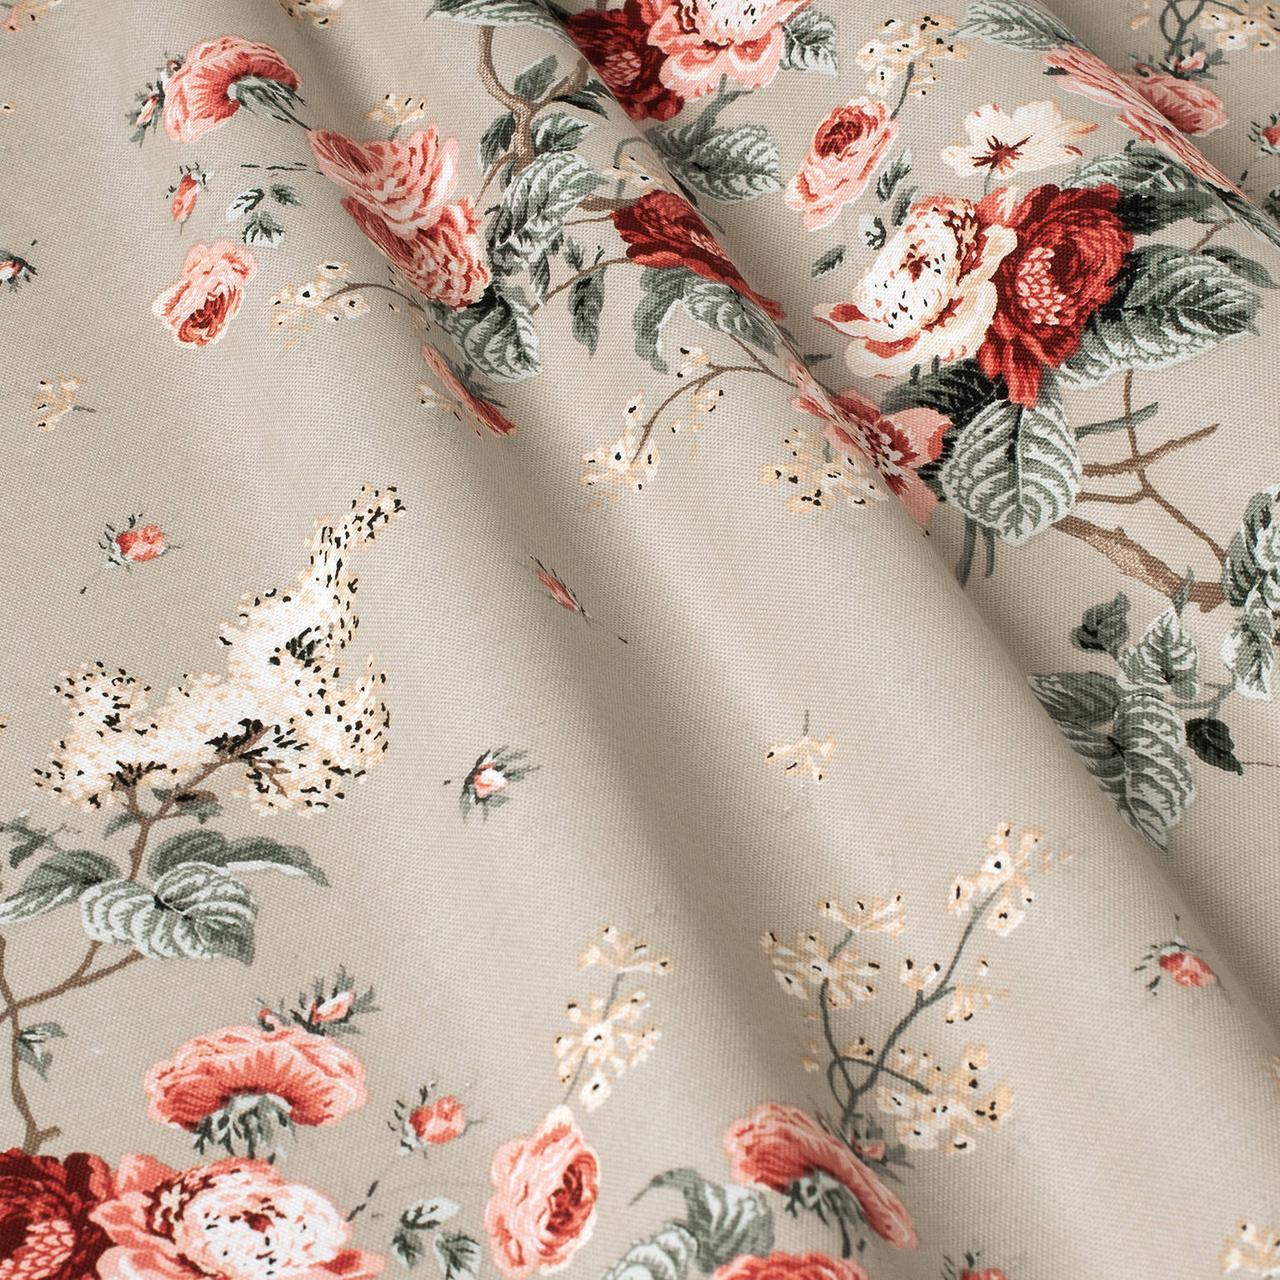 Декоративная ткань цветы на светло-сером фоне Турция 87979v15